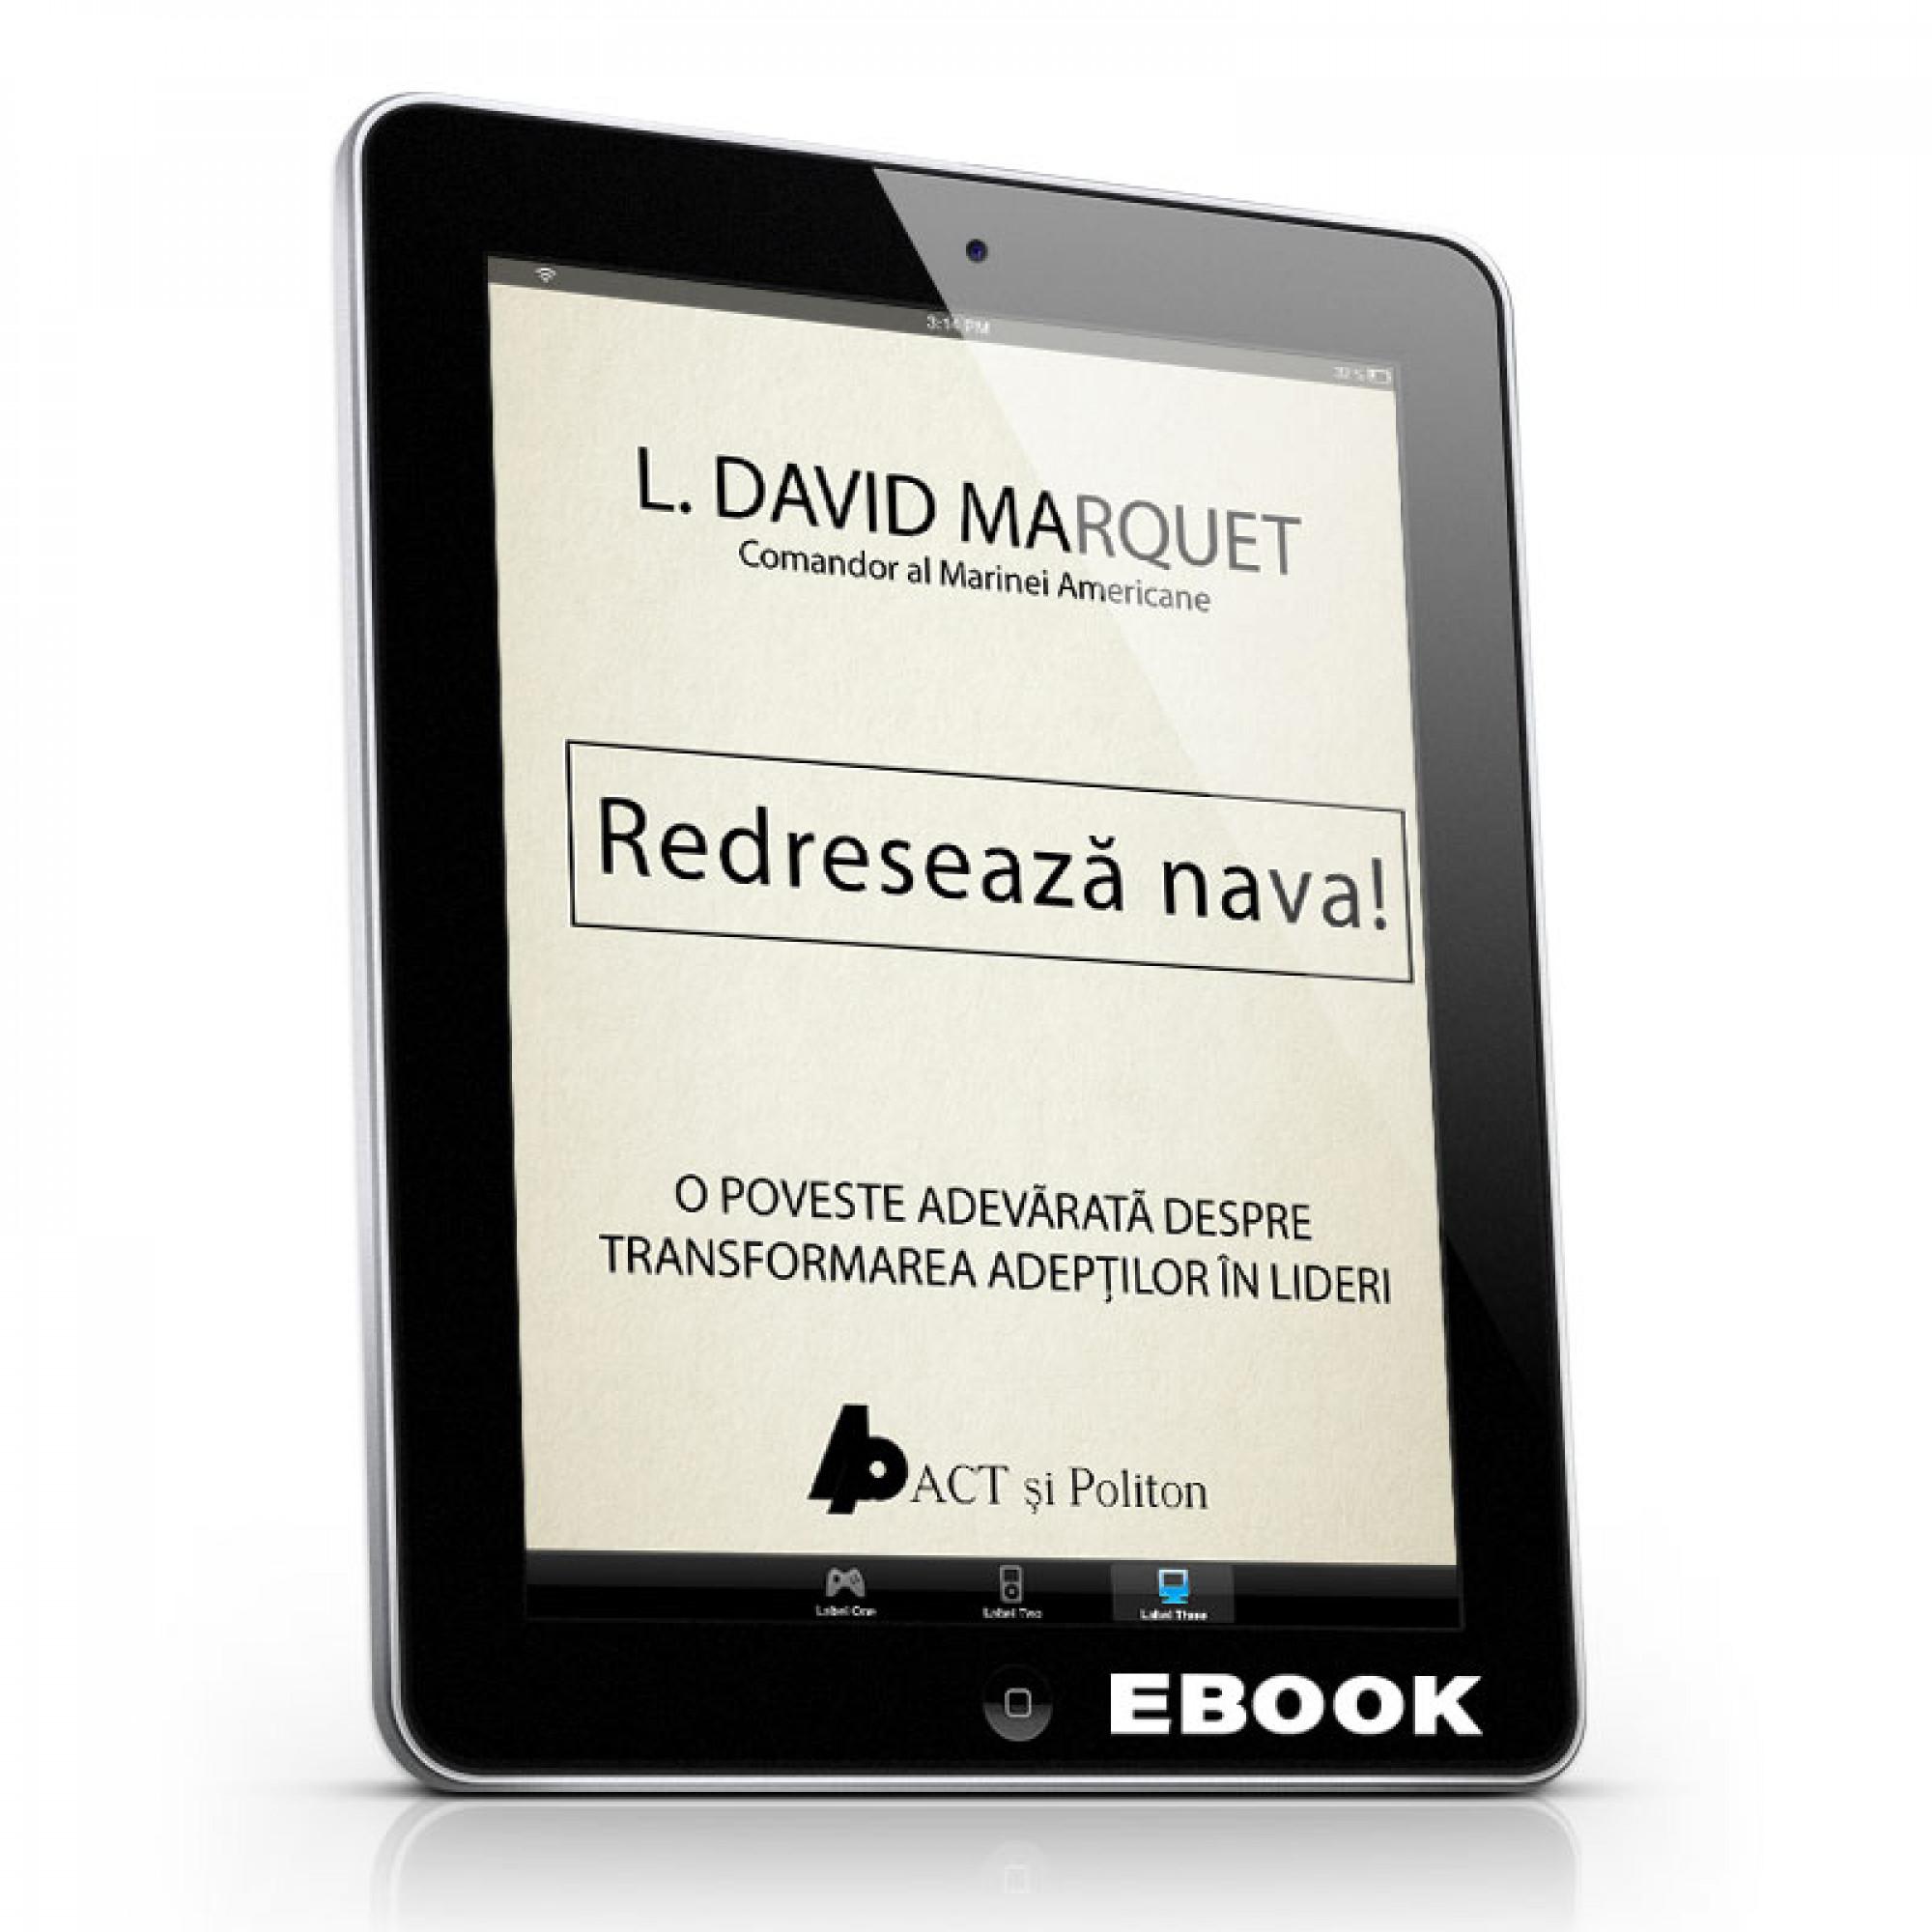 Redresează nava!; L. David Marquet